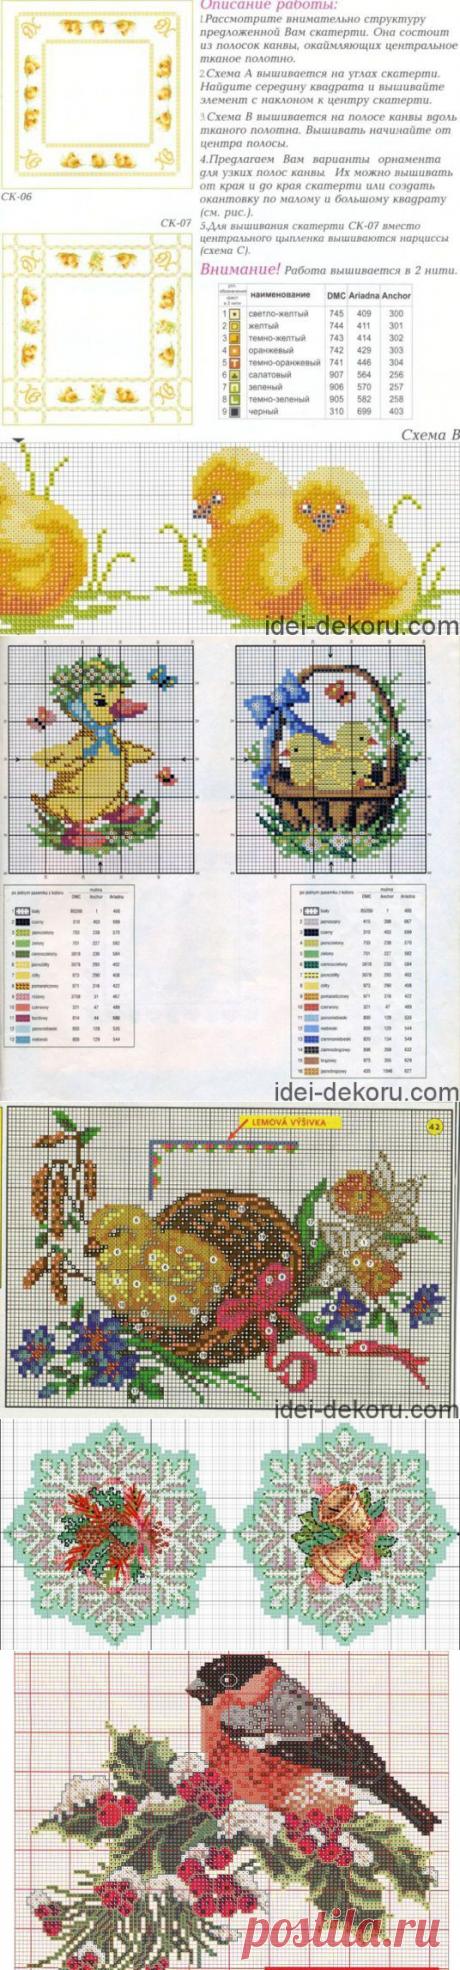 Великодні курчата. 32 схеми вишивки | Ідеї декору